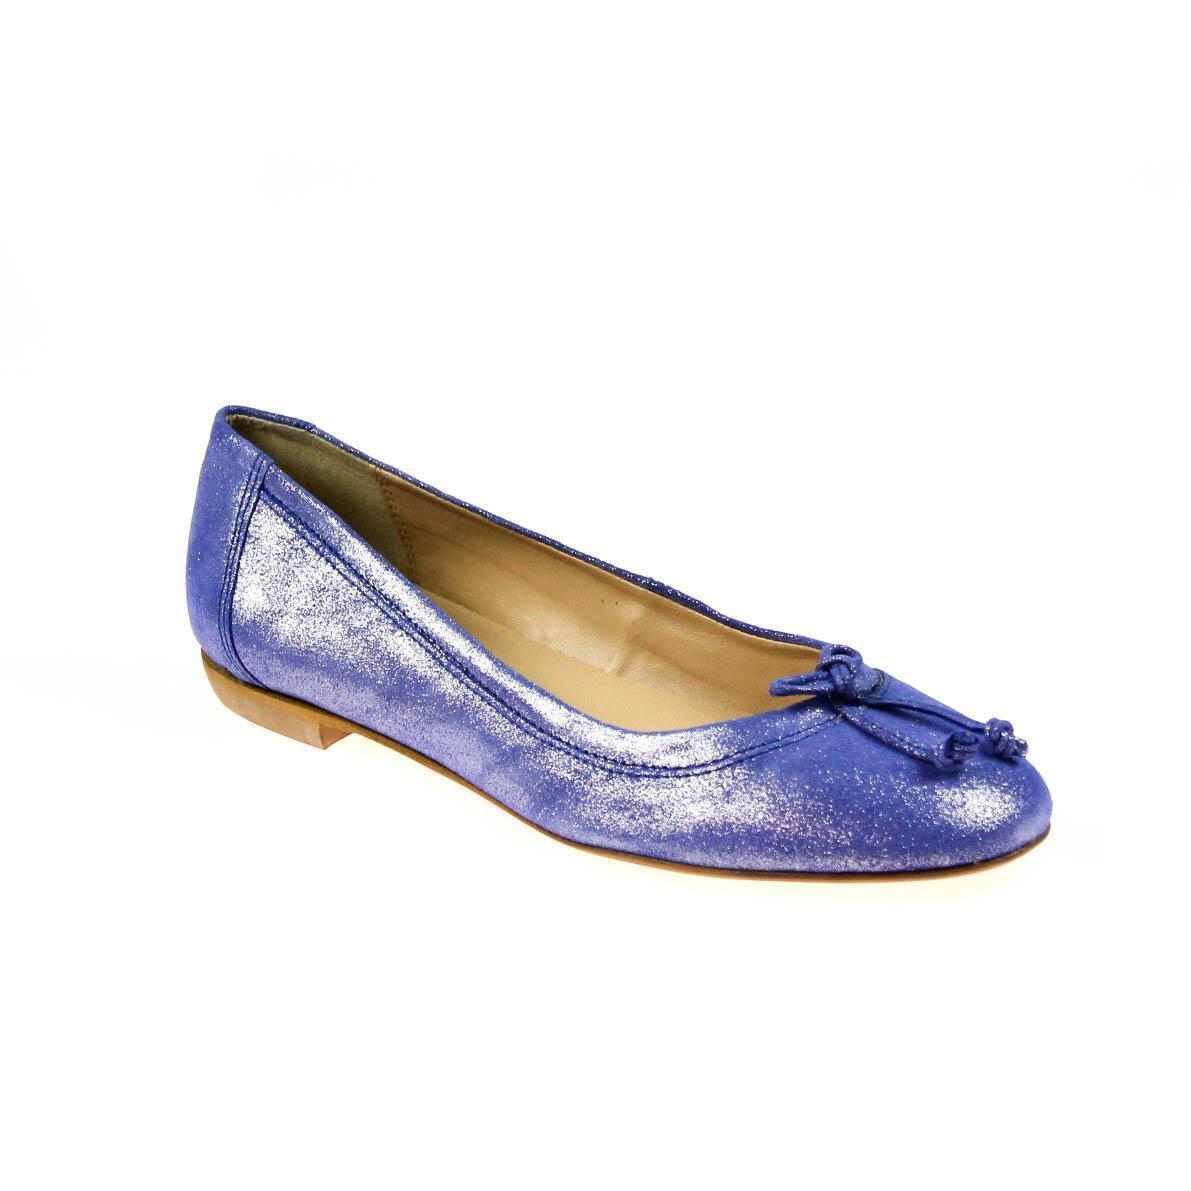 Eye señora bailarinas cuero cuero cuero azul  auténtico